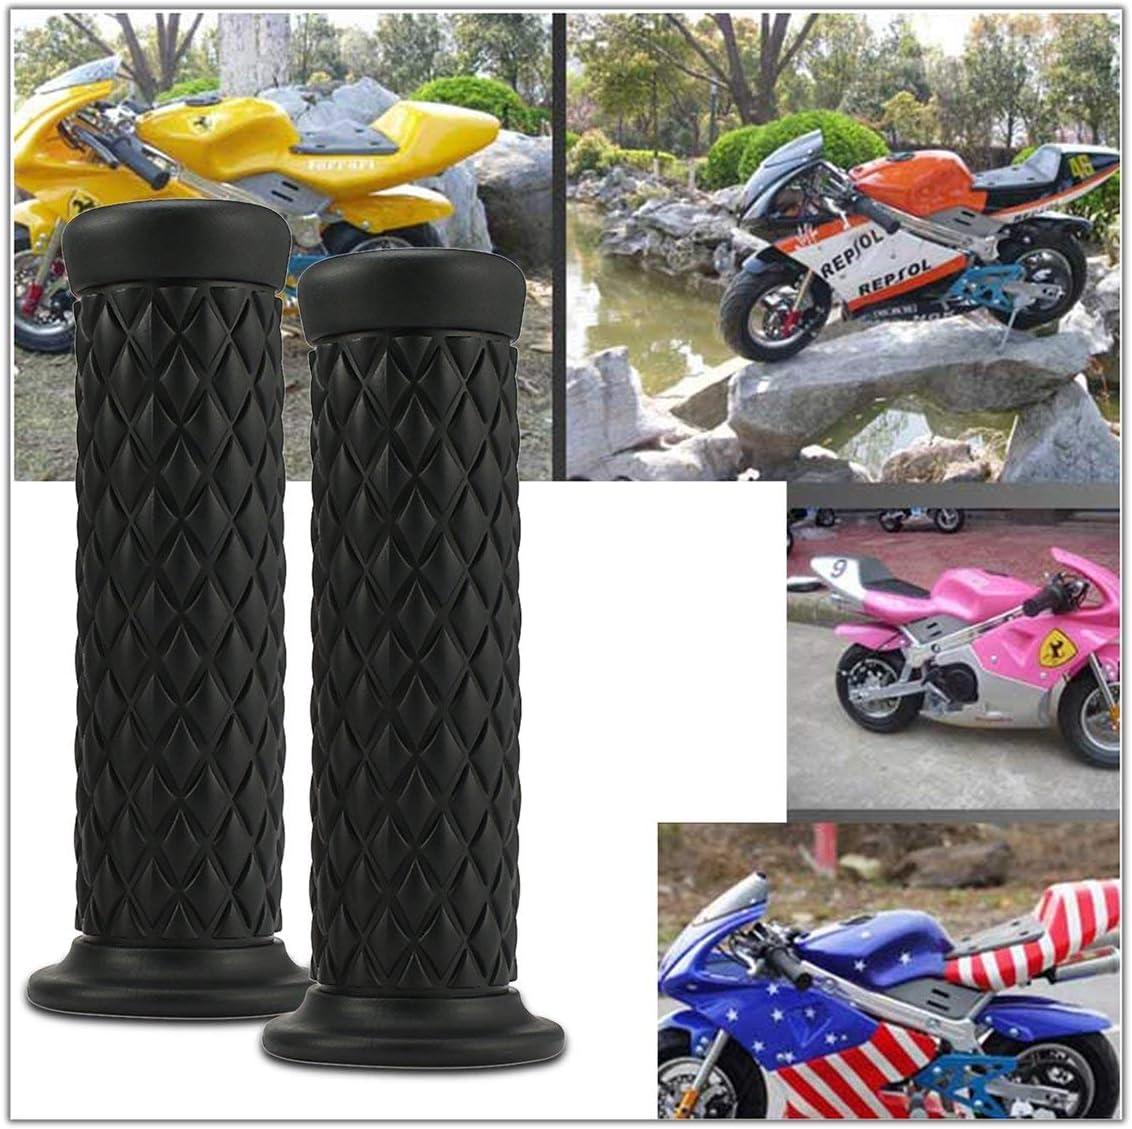 Funnyrunstore 1 Paire 22mm Poign/ées de Moto Universelles Poign/ées Antid/érapantes en Caoutchouc Sport Poign/ées en Main Barre de Fin Moto Bike Racer Cafe noir